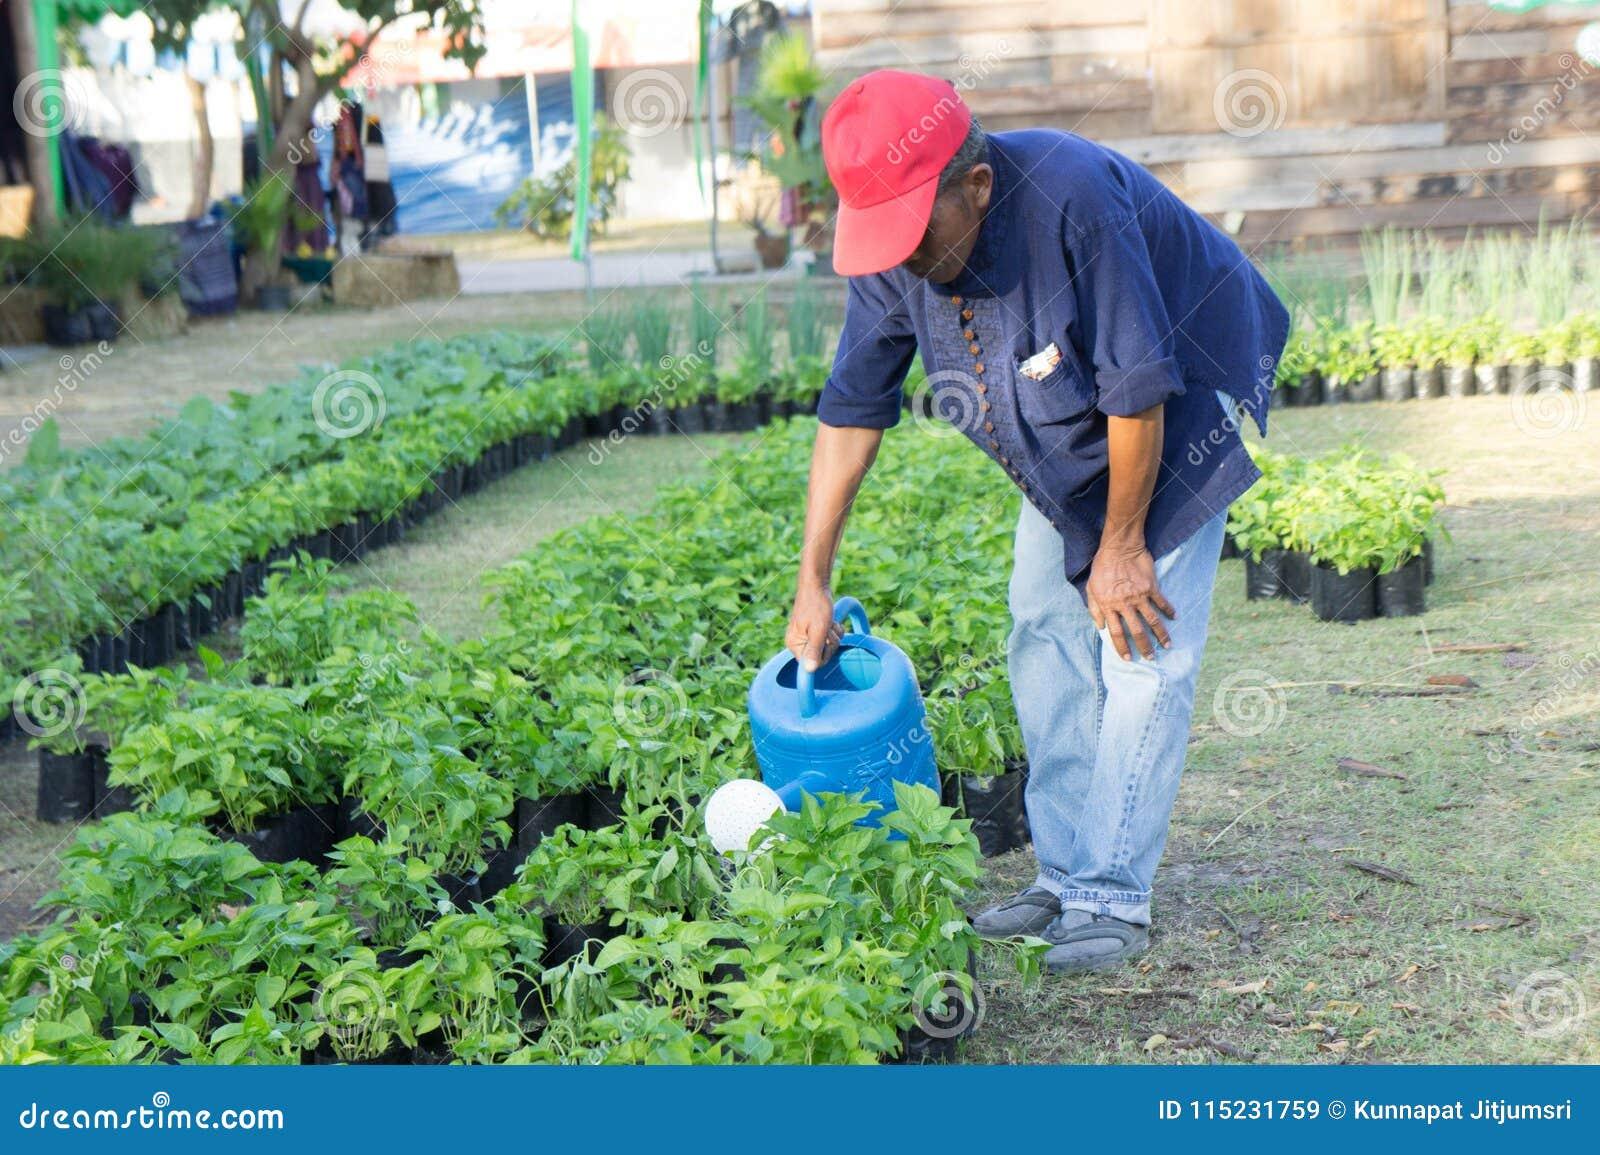 乌隆他尼,泰国农夫花匠浇灌树